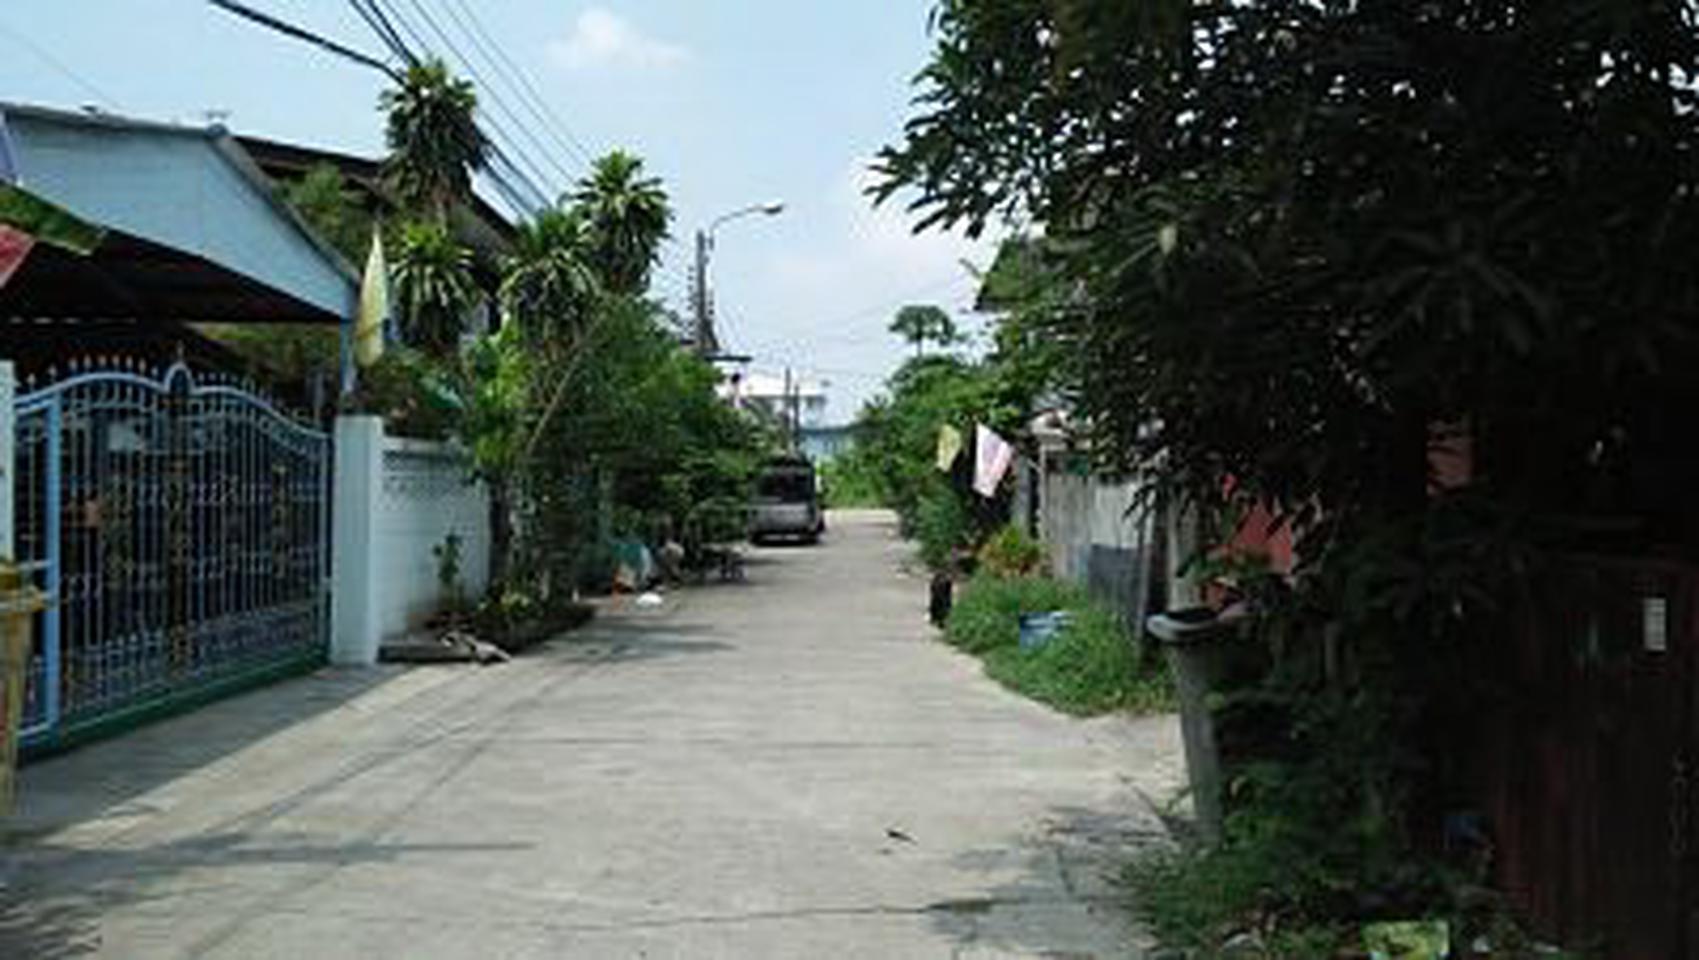 ย่านถนนเทพารักษ์-หนามแดง-สำโรง พร้อมต้นมะม่วงใหญ่หลายสิบปี ร รูปที่ 3